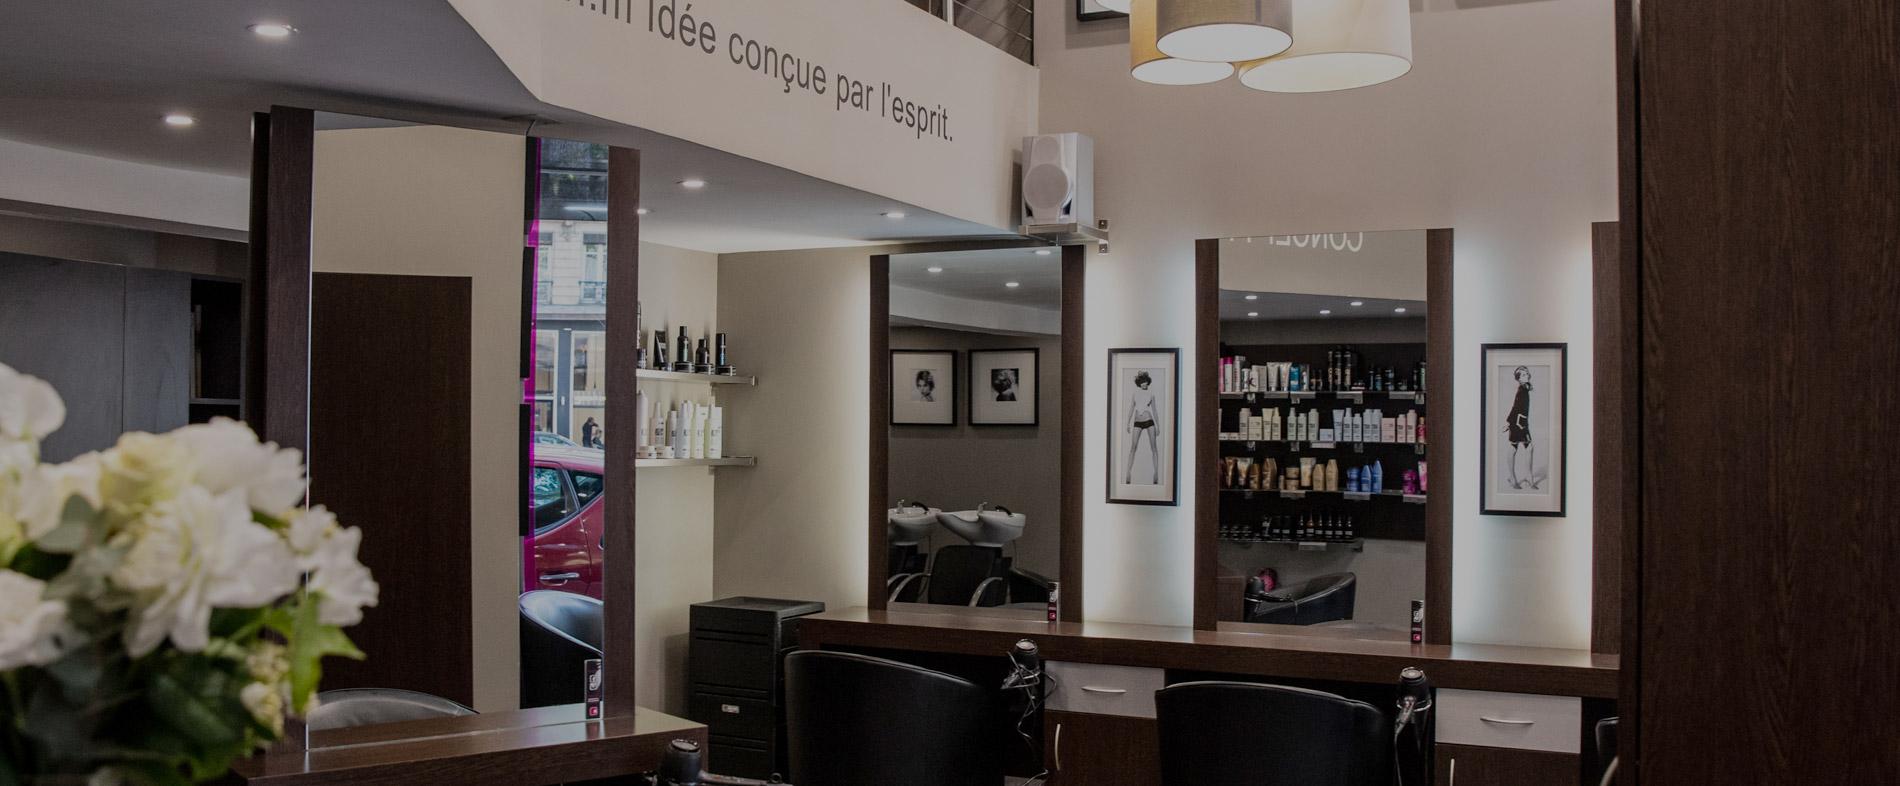 Concept Hairdresser et Addict by Concept – Salon de coiffure à